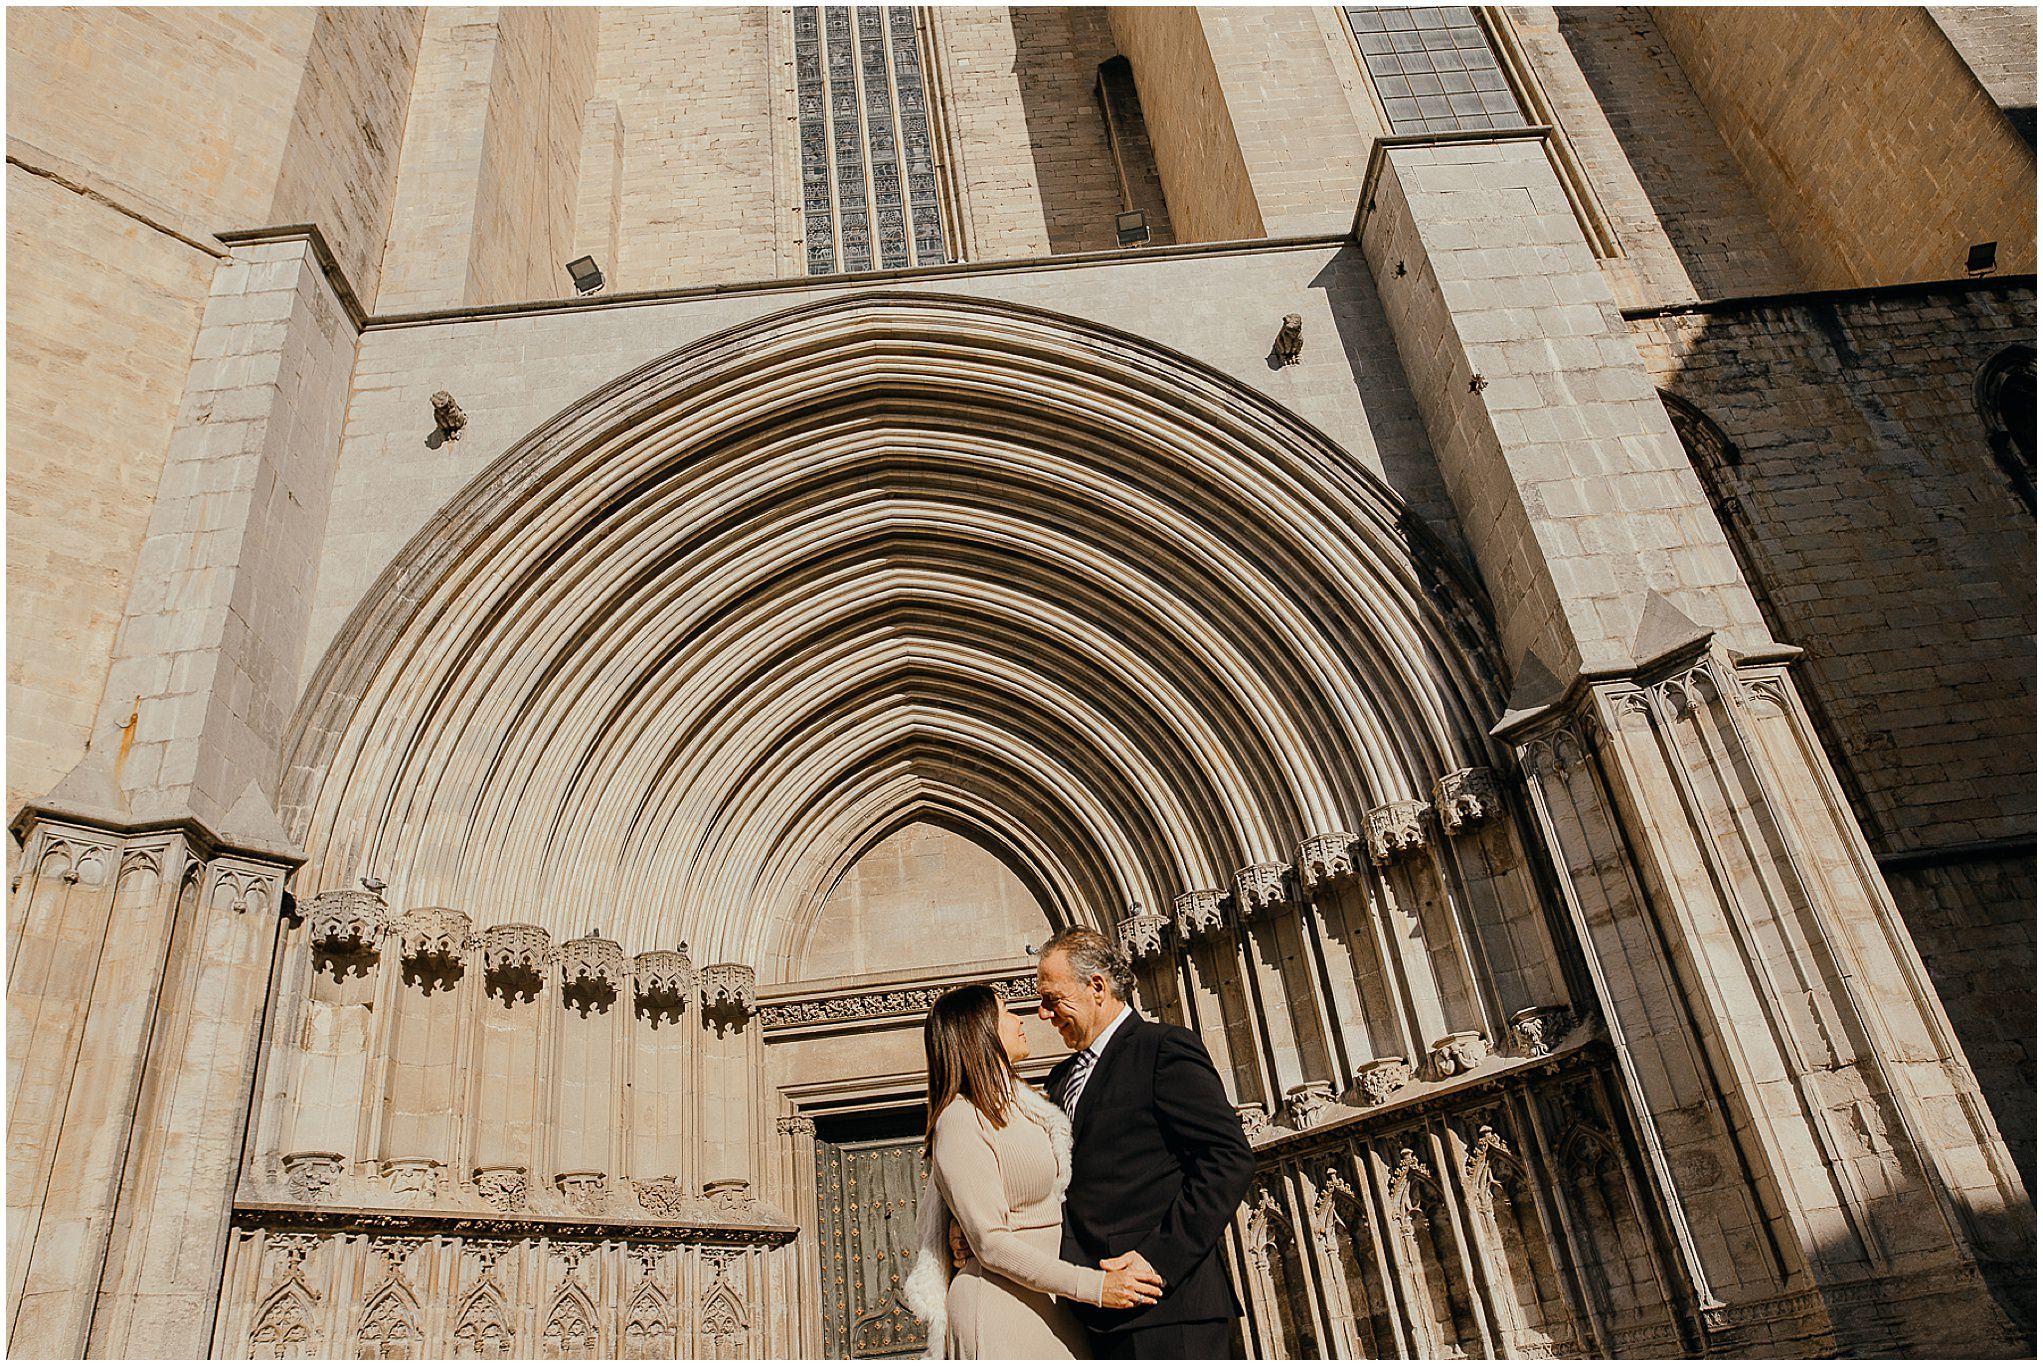 Boda en Girona, catedral de Girona, casarse en girona